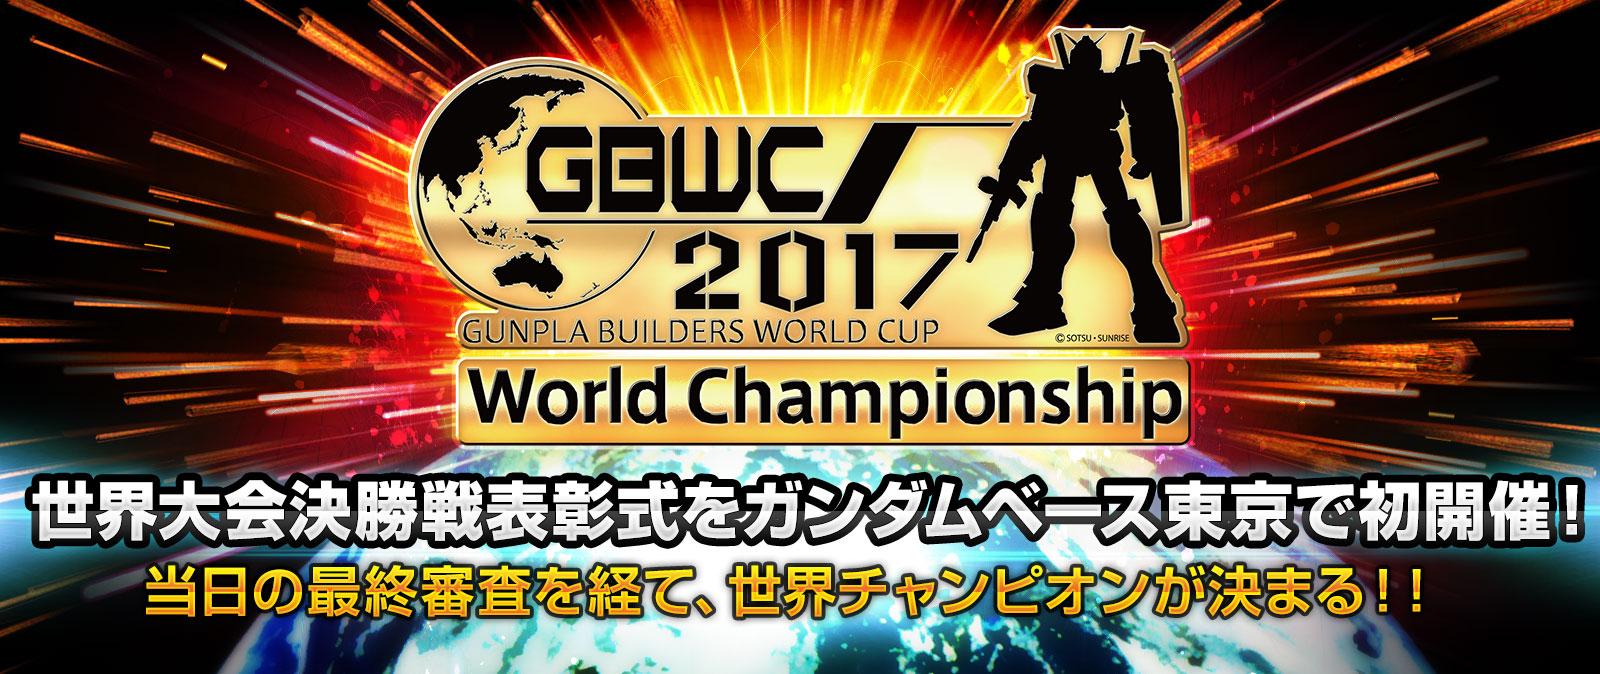 GBWC2017世界大会決勝戦表彰式